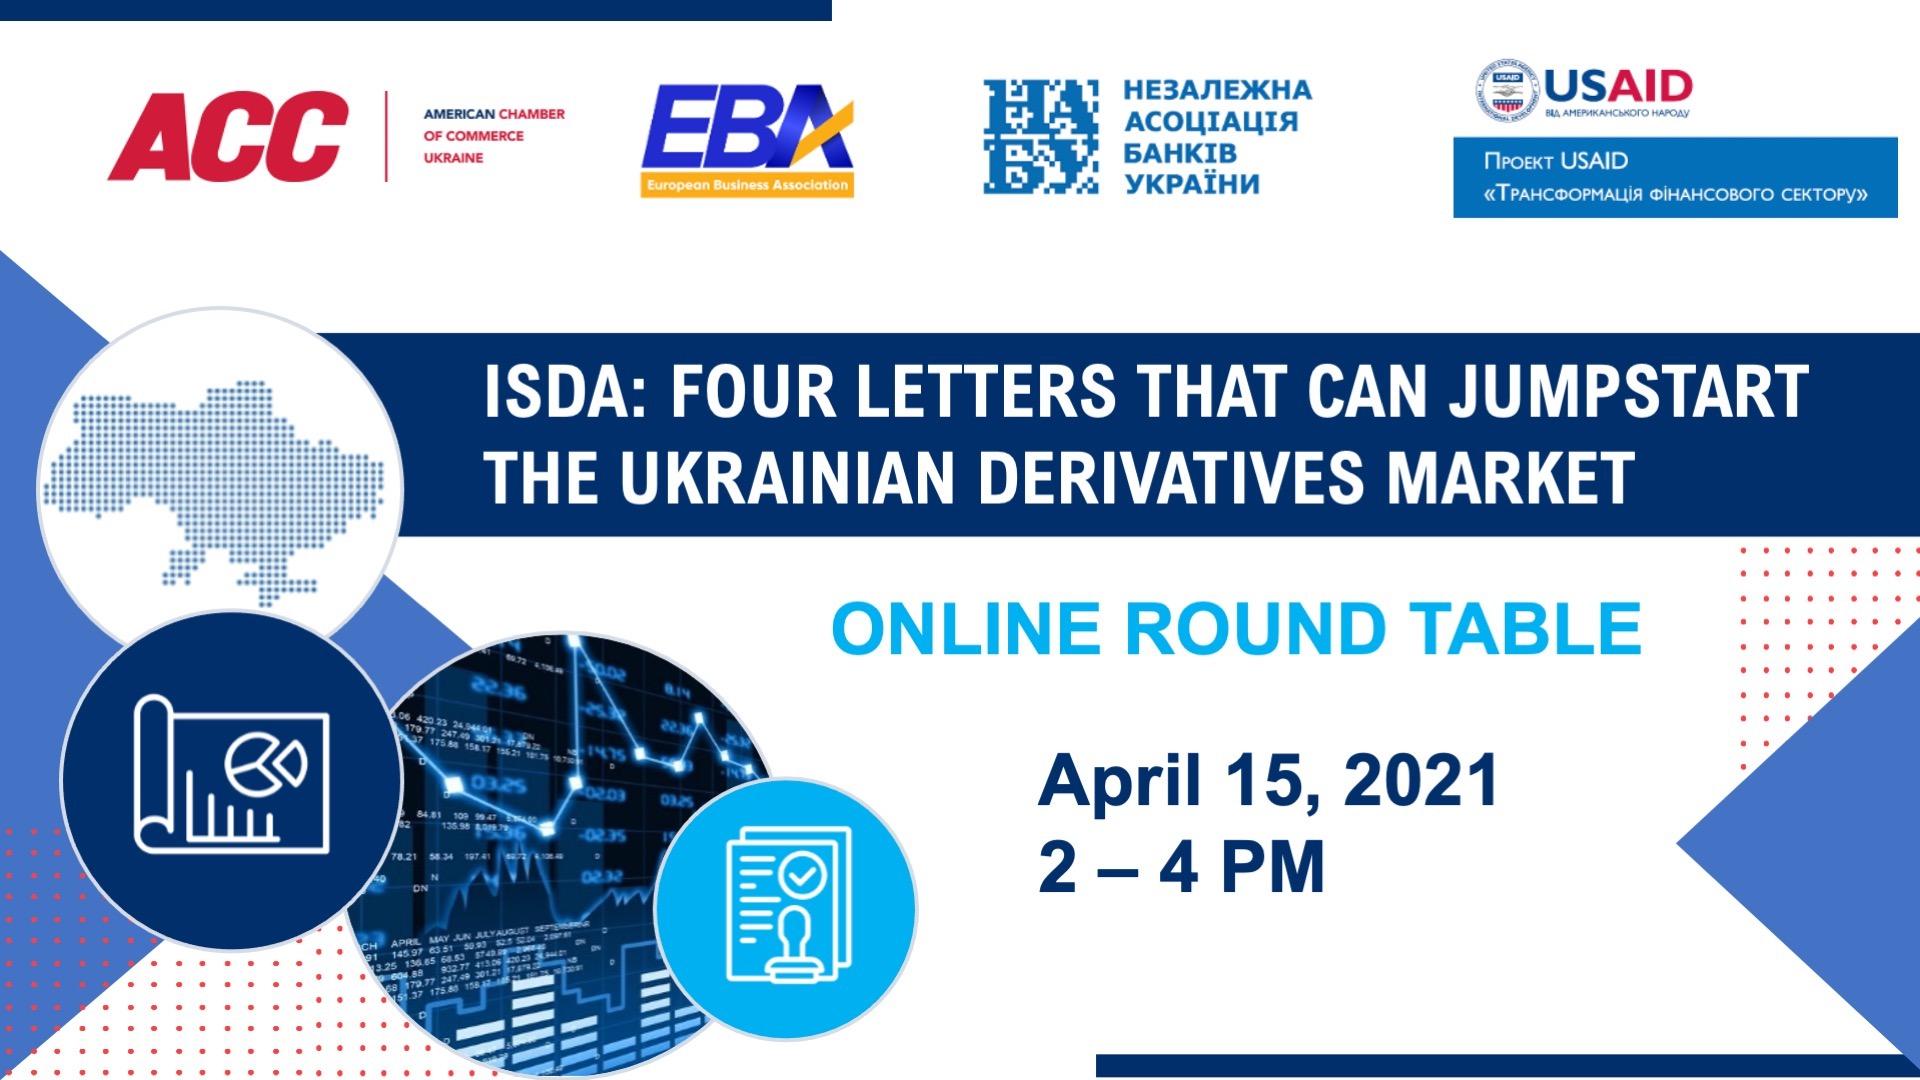 Онлайн круглий стіл «ISDA – 4 літери, які можуть запустити український ринок деривативів»